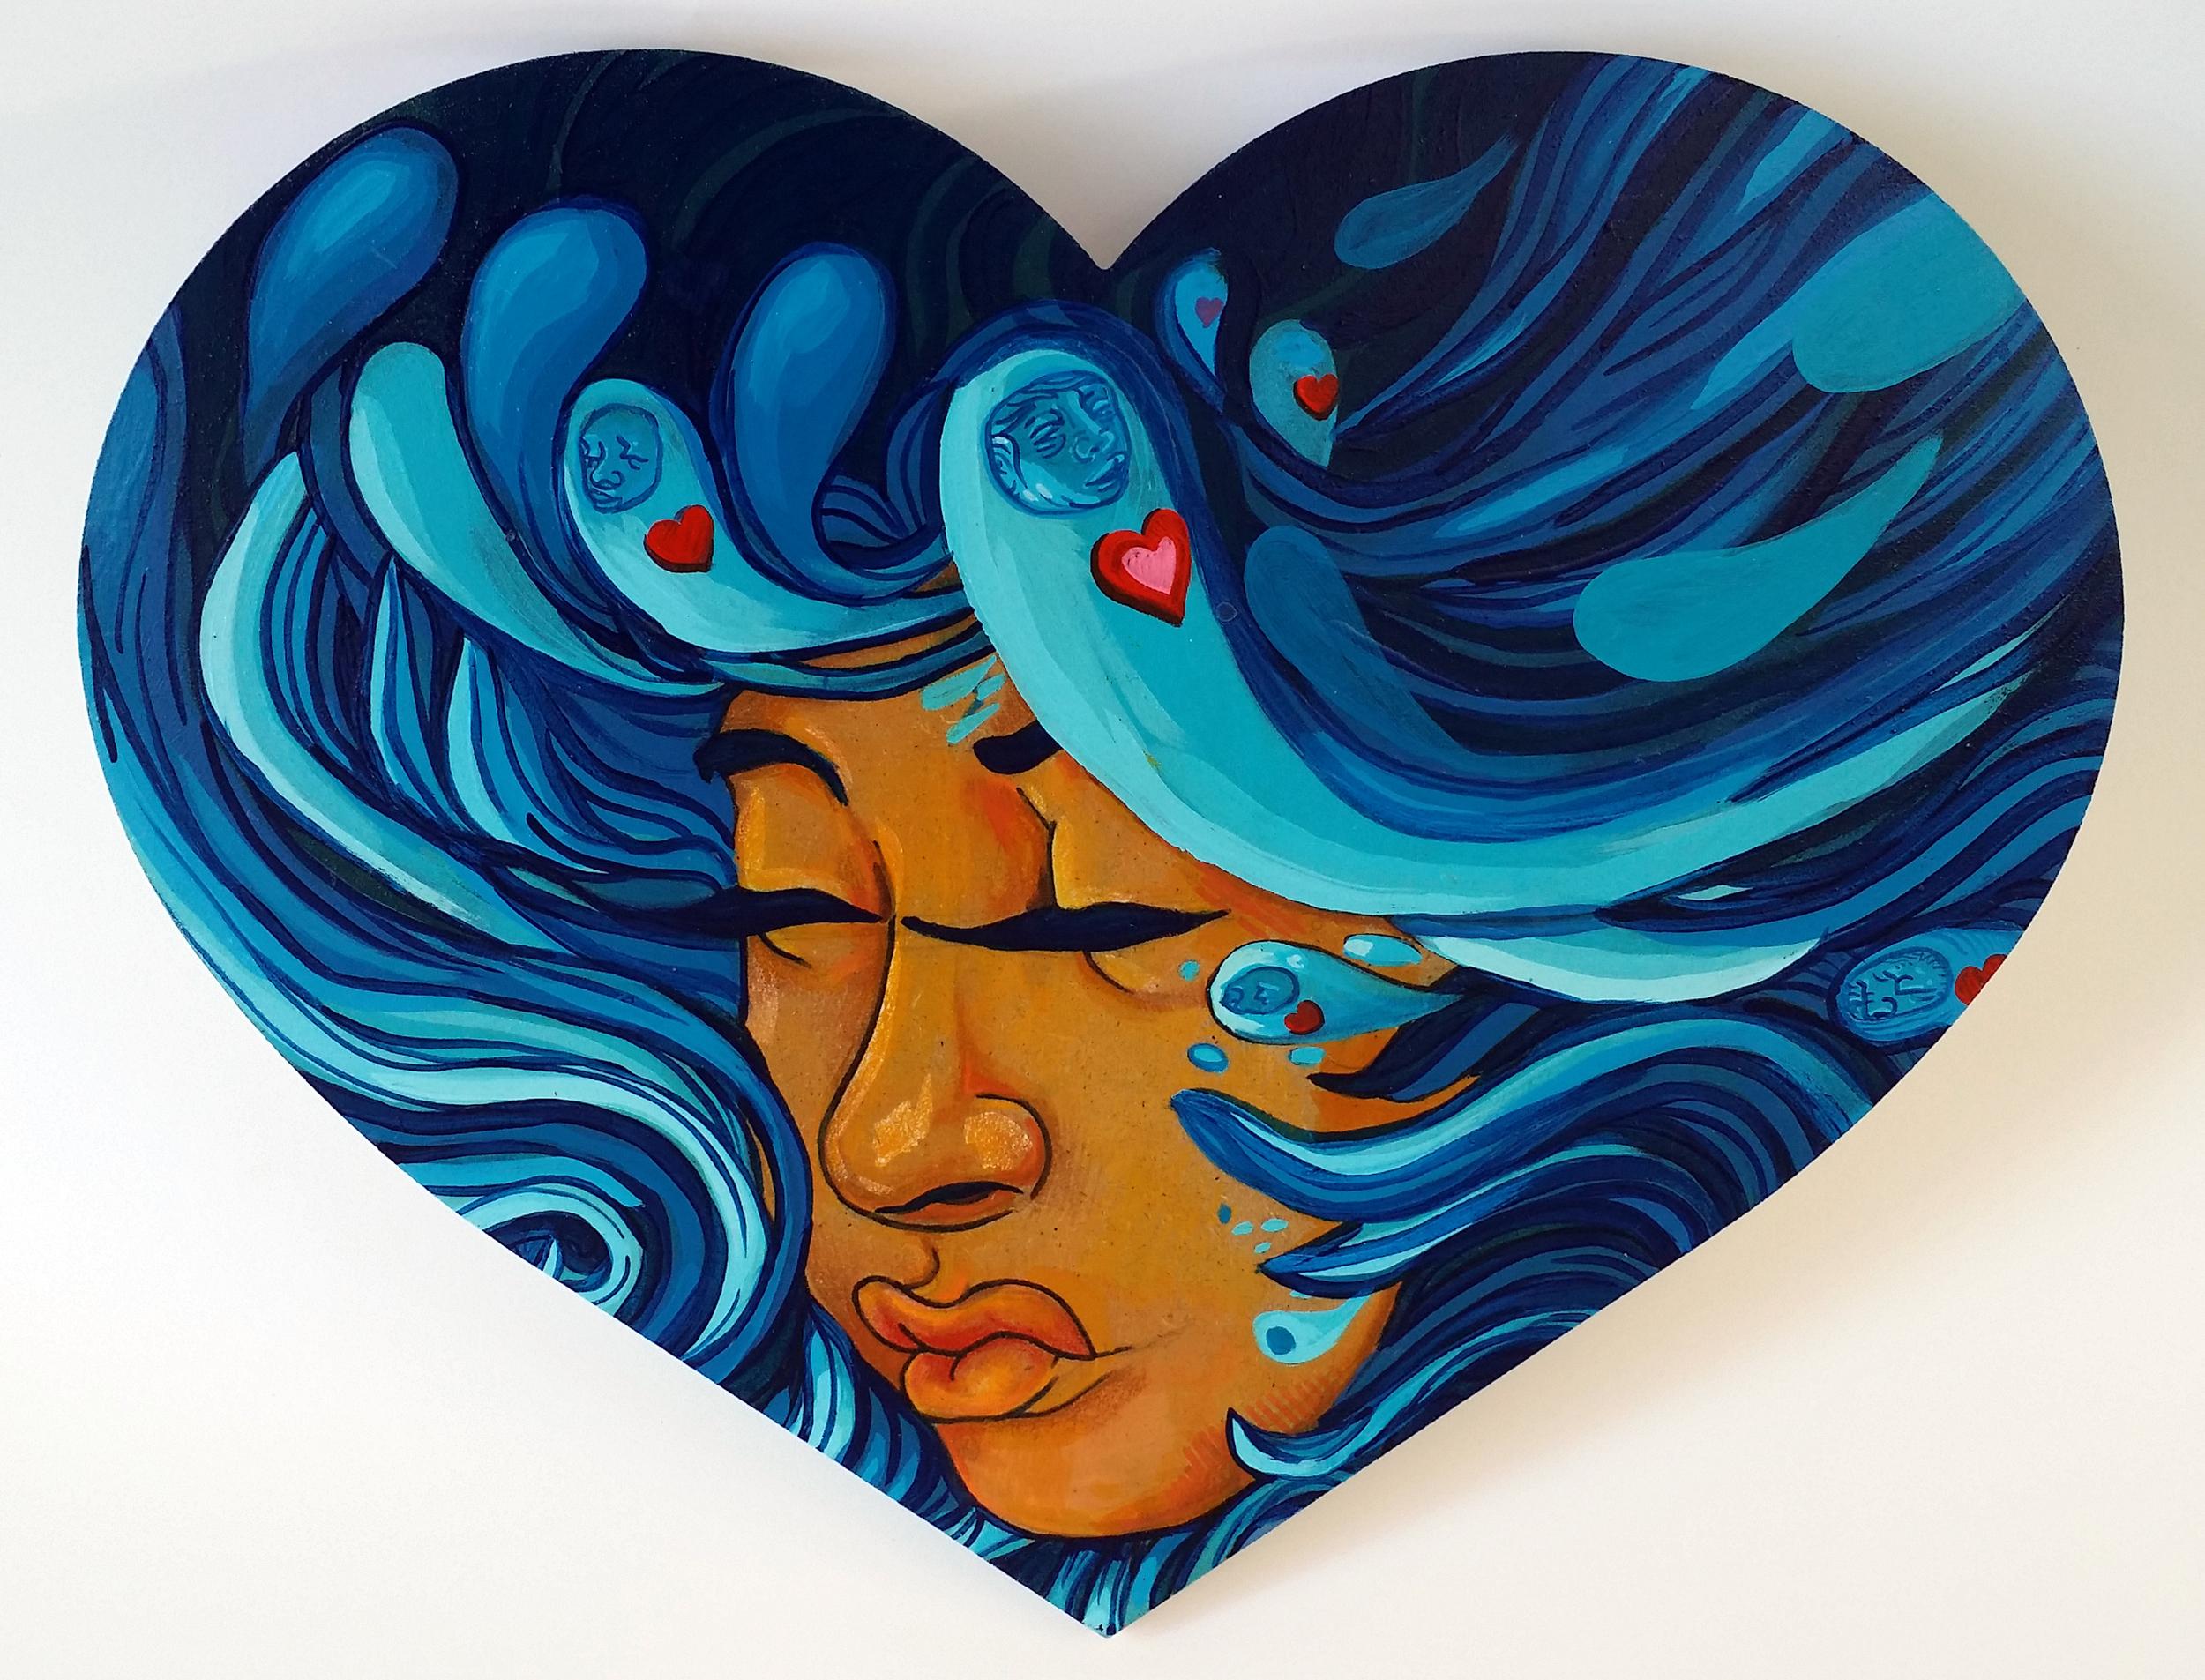 Heart by JT Daniels